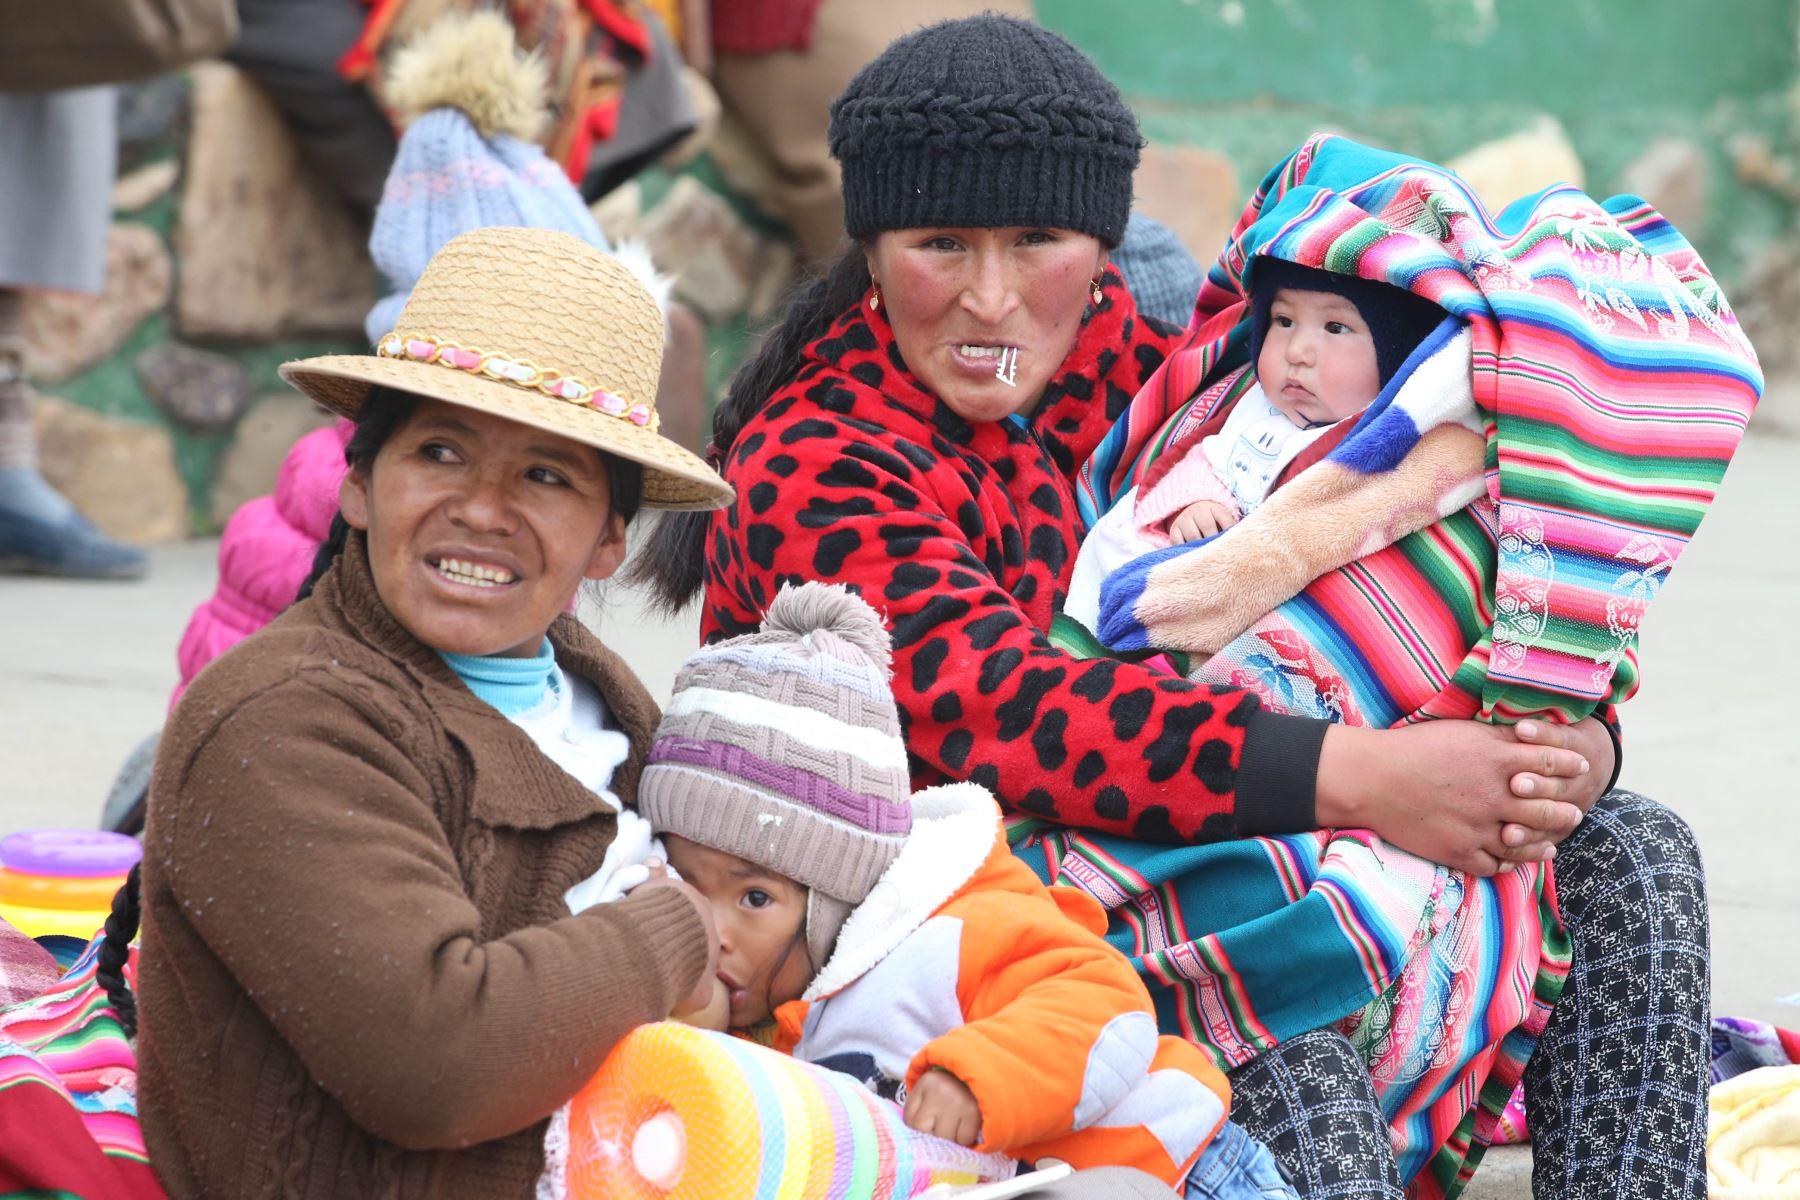 Para el combate contra la anemia en este centro poblado, el proyecto ha proporcionado el suplemento vitamínico Feranin (hierro polimaltosado), considerado uno de los mejores medicamentos para el tratamiento de la deficiencia de hierro en niños, madres embarazadas y lactantes. Foto: ANDINA/Vidal Tarqui